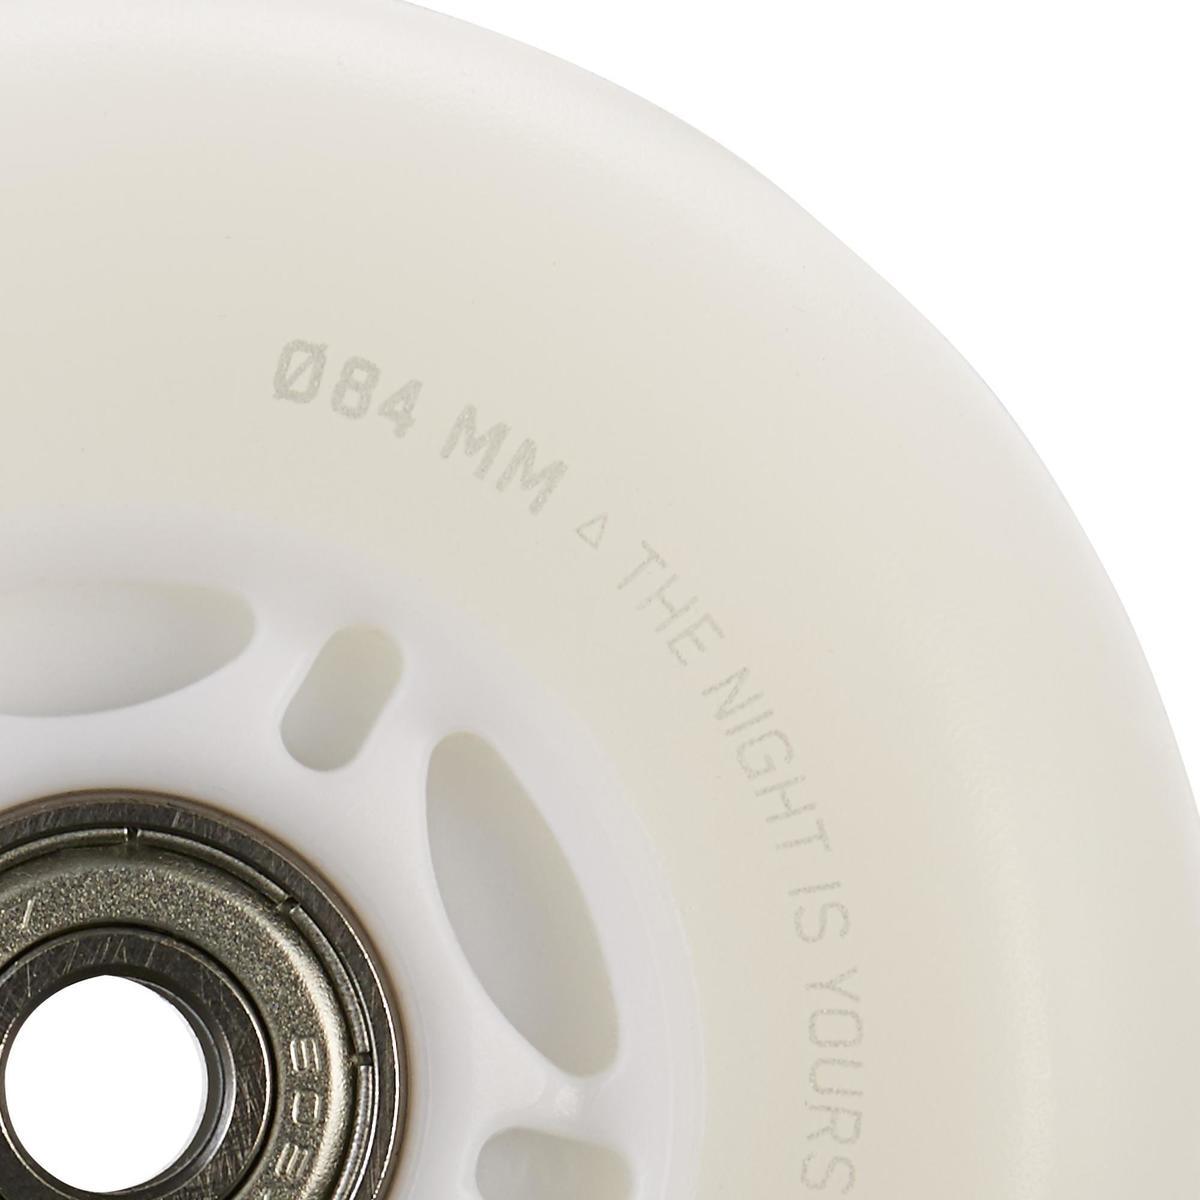 Bild 4 von Inliner-Leuchtrollen 84 mm 82A und Kugellager weiß/blau leuchtend 2er-Set